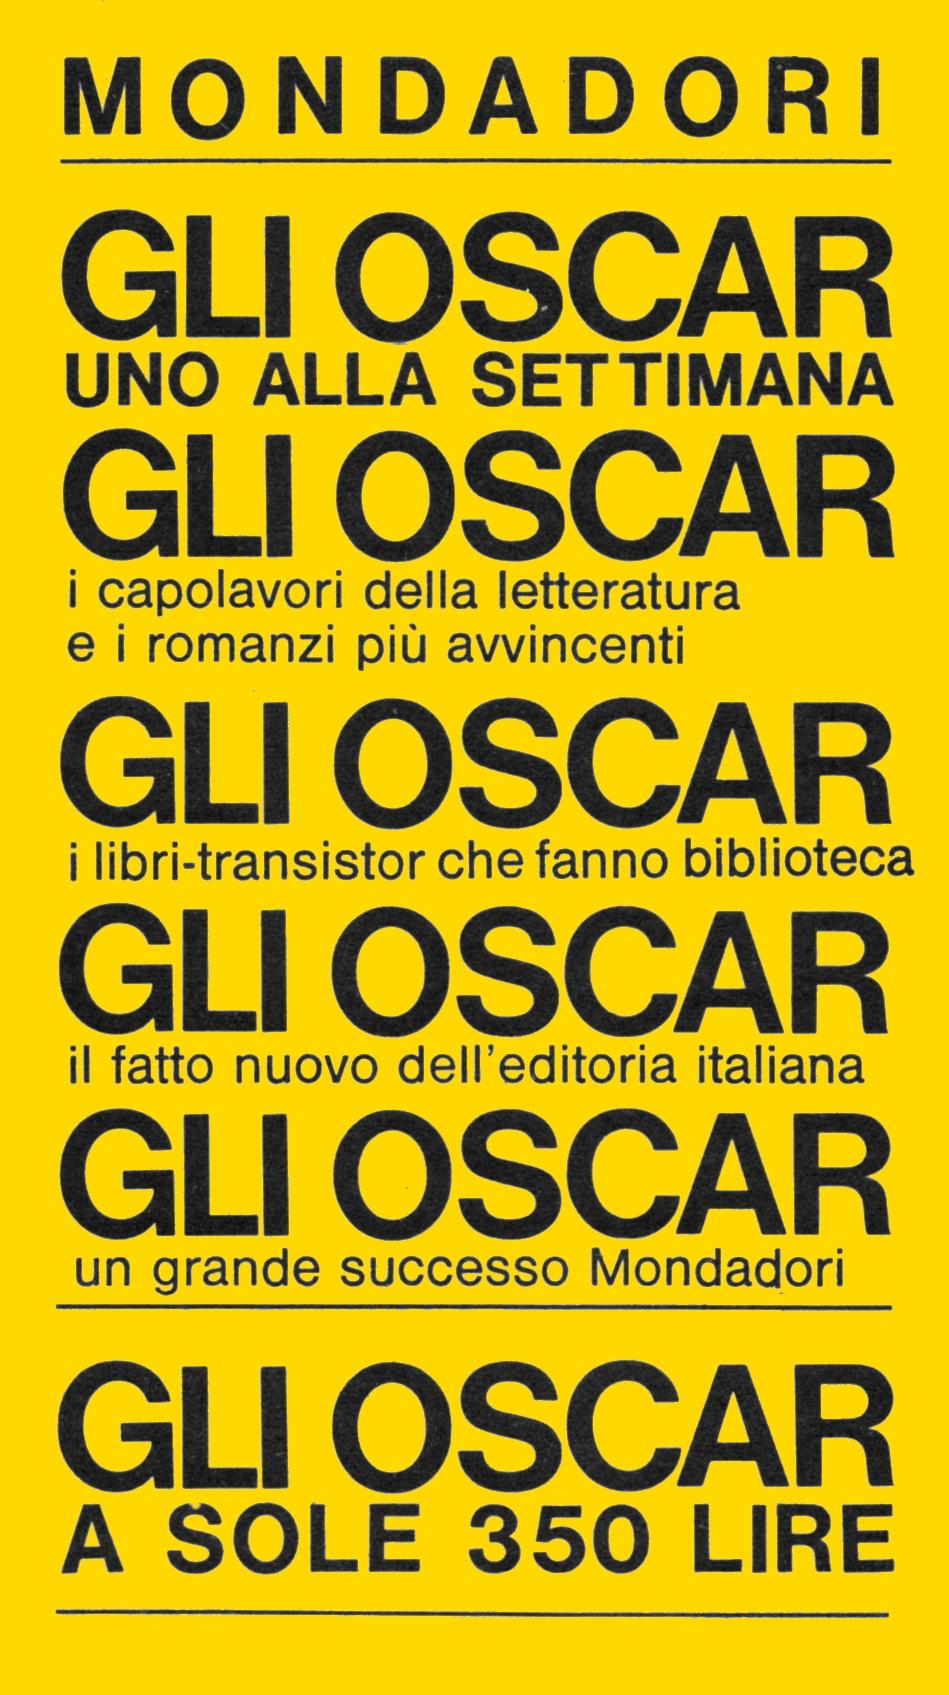 Oscar Mondadori nel 1965